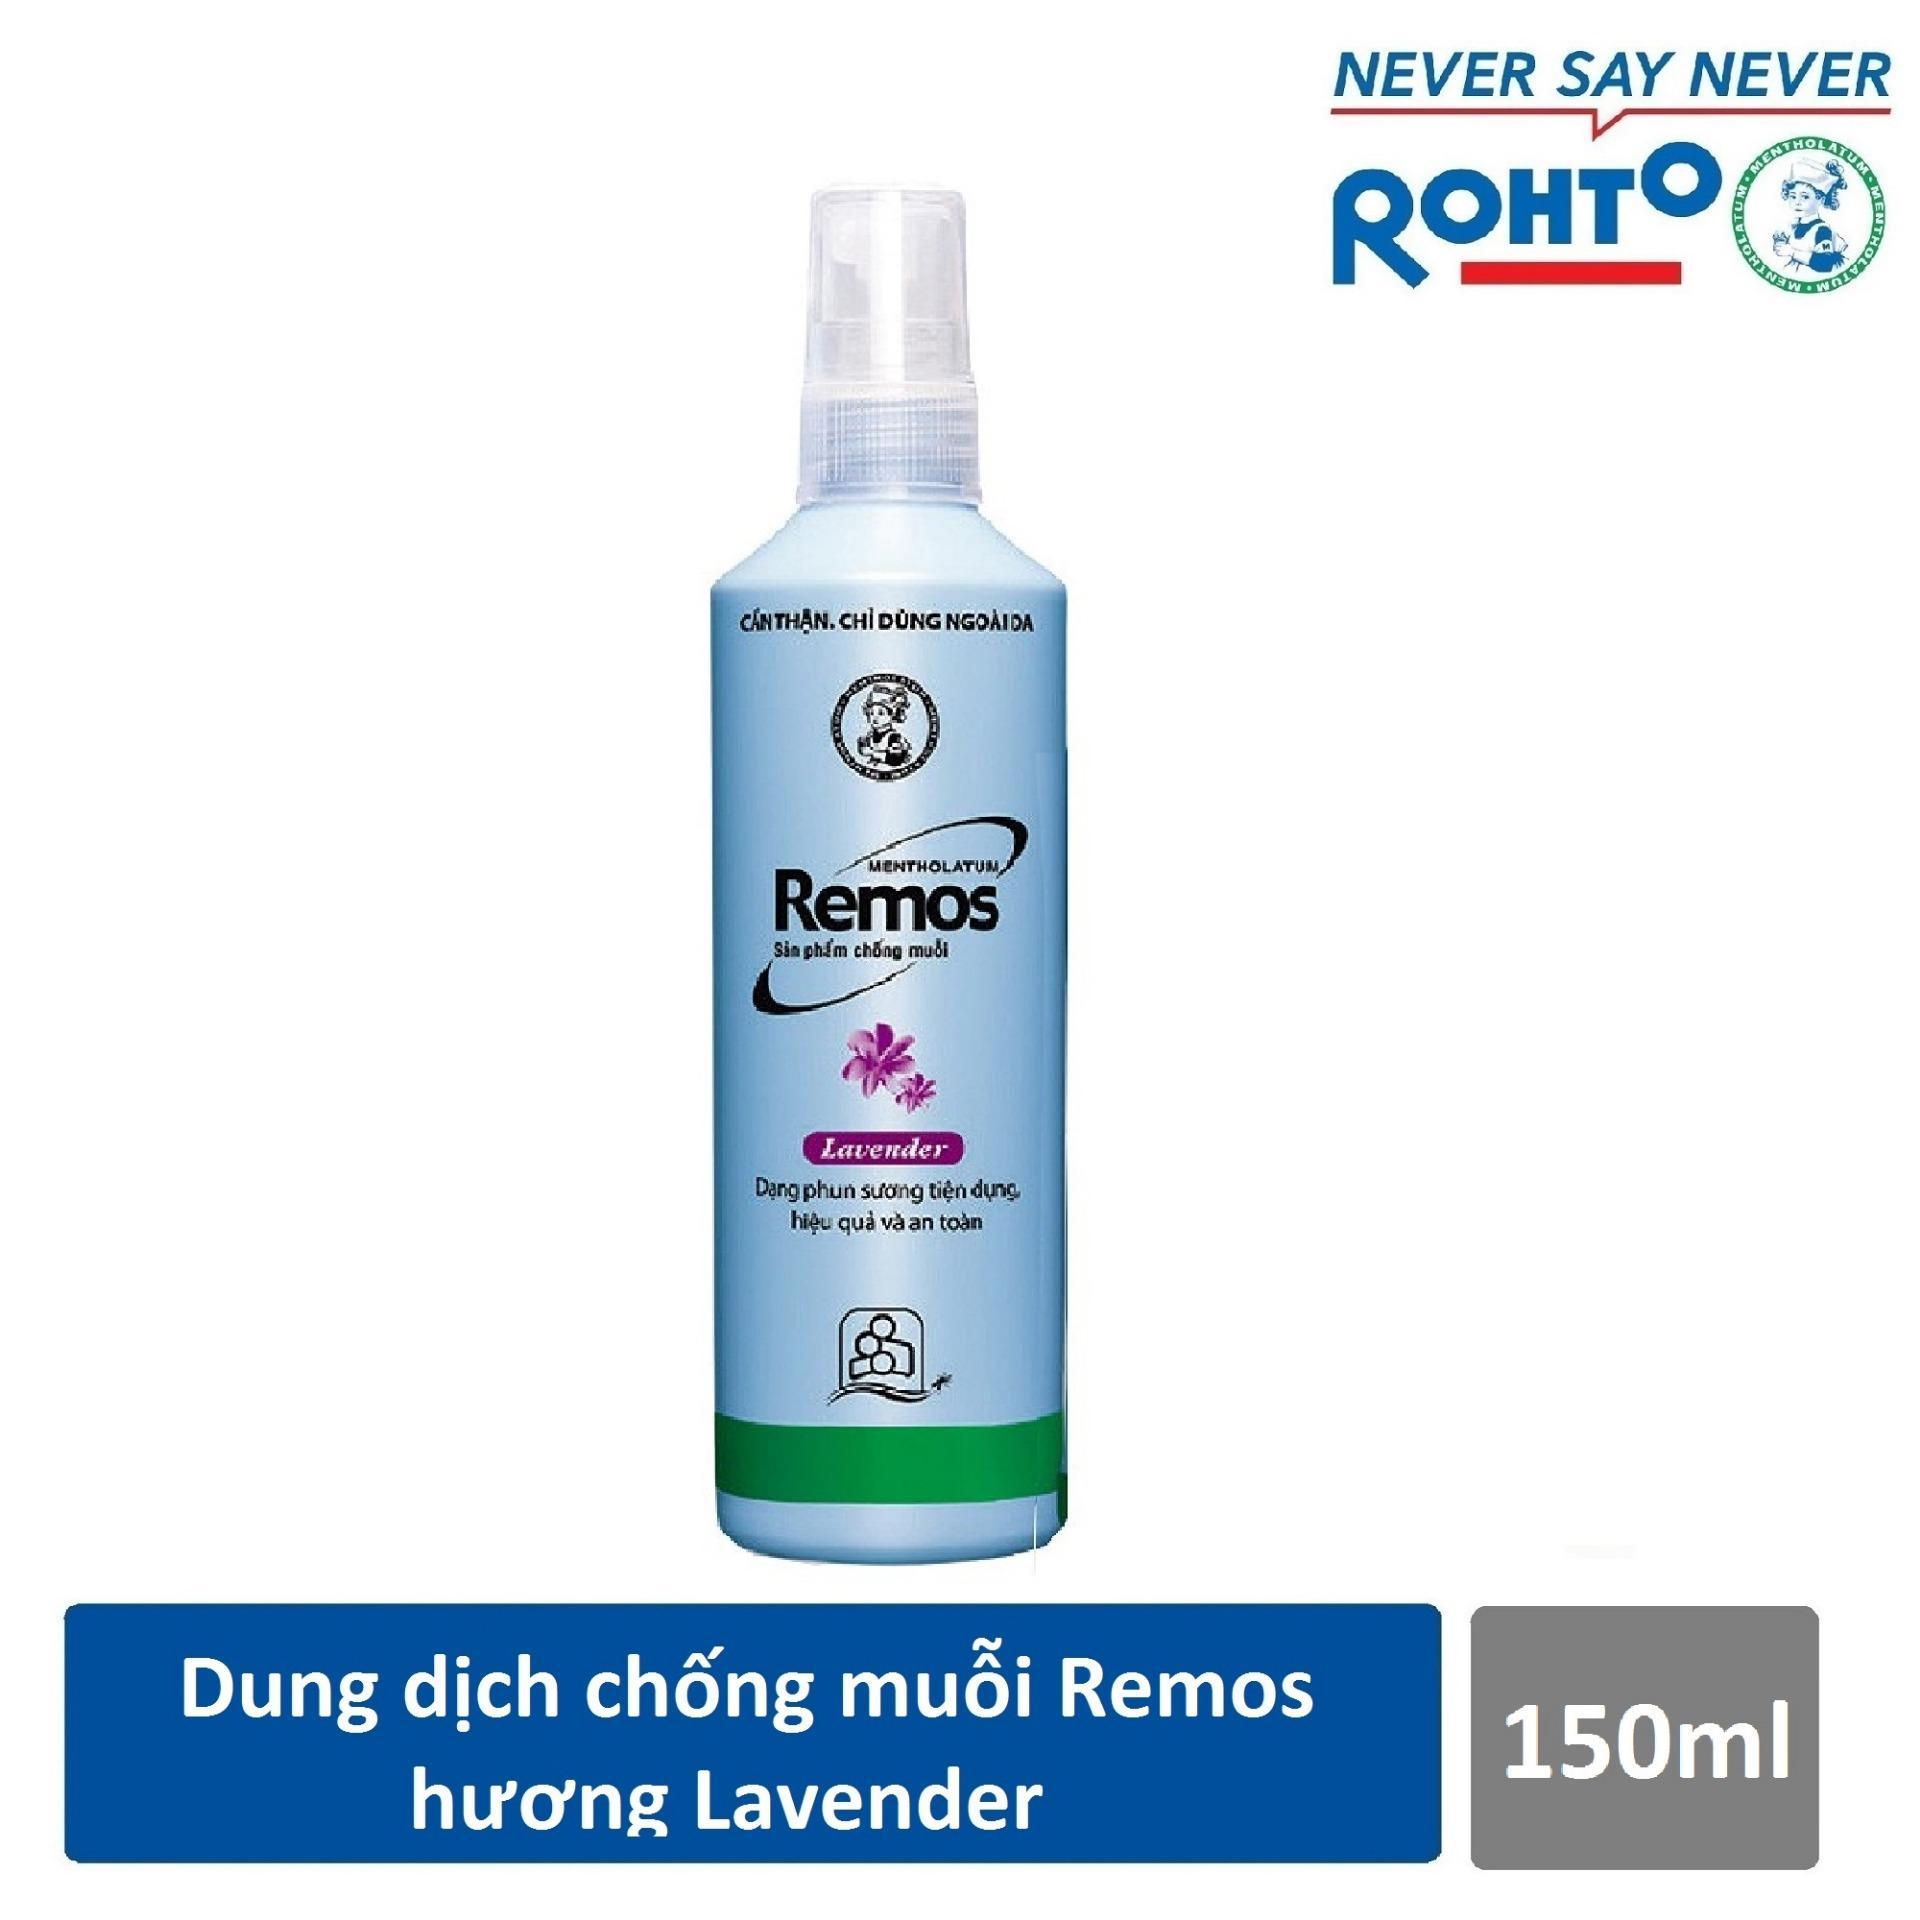 Bình xịt muỗi Remos tốt, an toàn và không độc hại